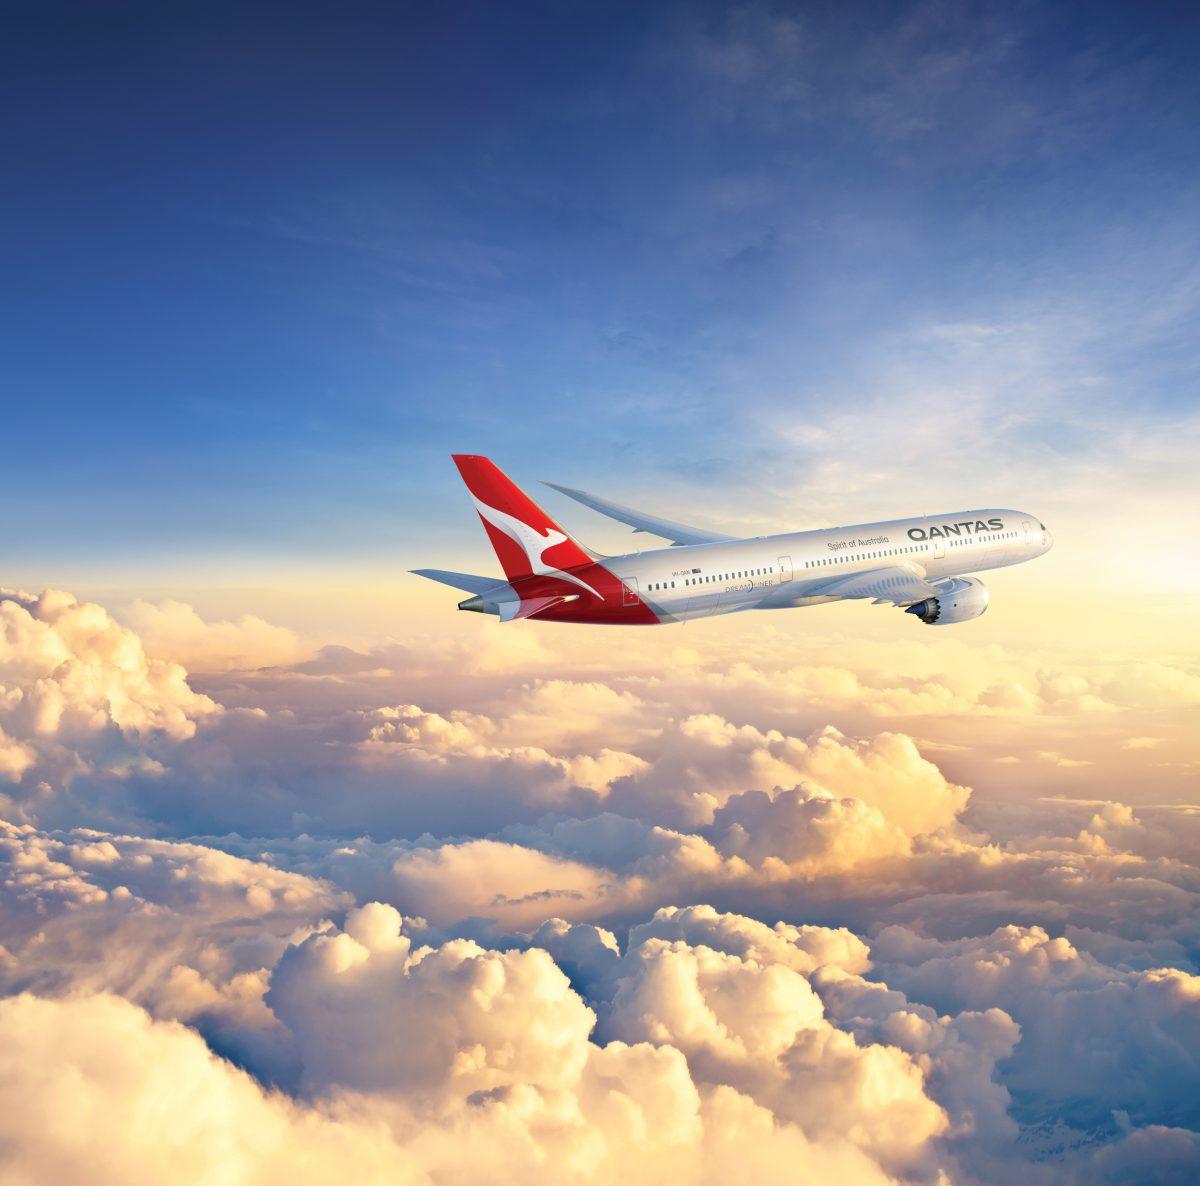 Eerste non-stop route Australië - VK